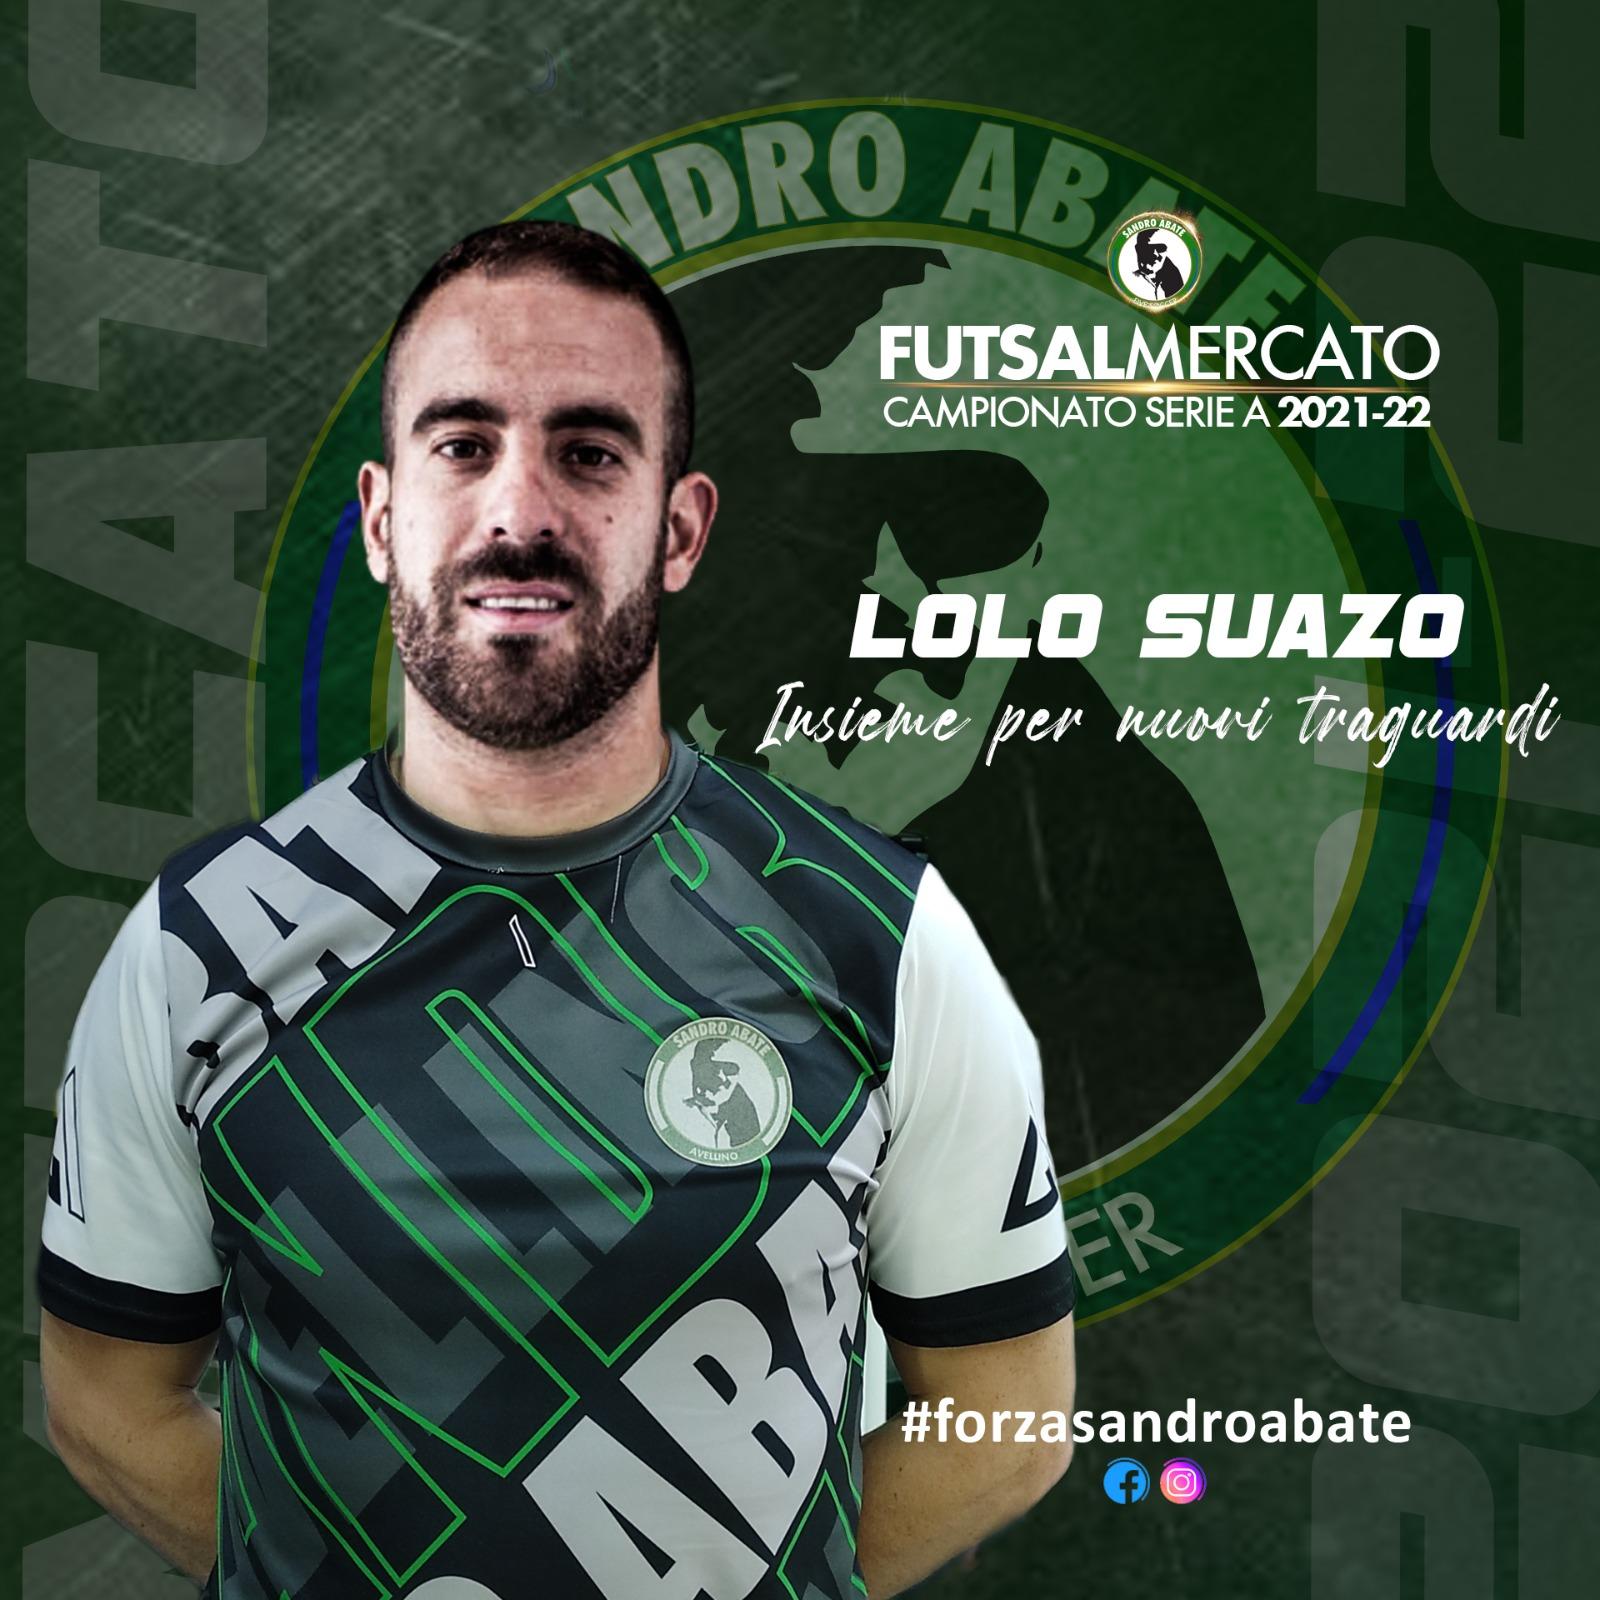 Il Sandro Abate riabbraccia il mancino di Lolo Suazo